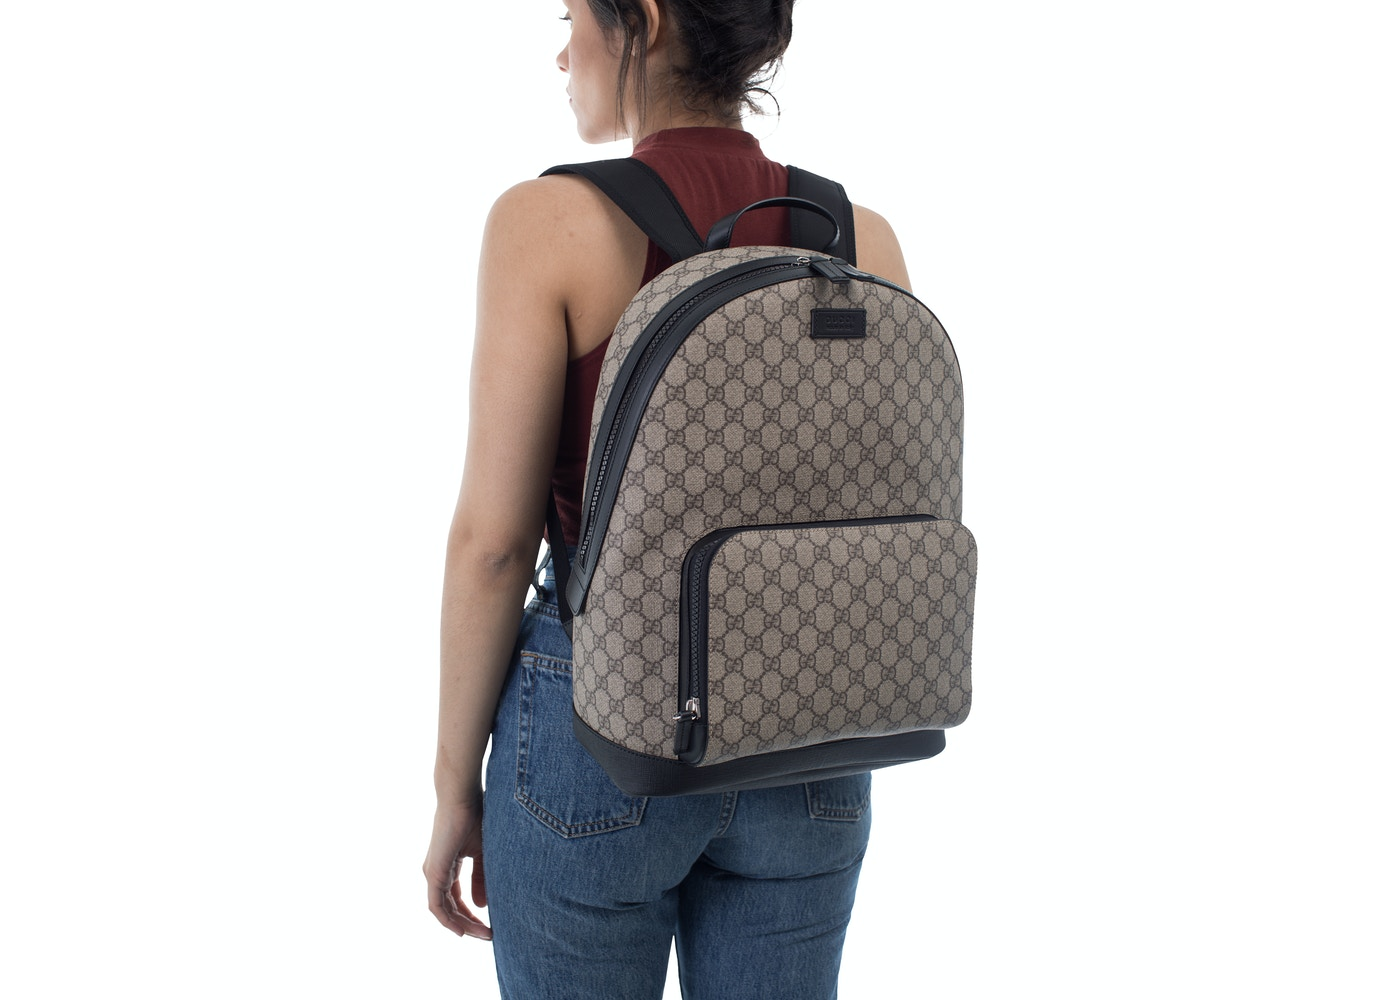 2be348108803f4 Gucci GG Supreme Backpack Front Zipper Pocket Beige/Black